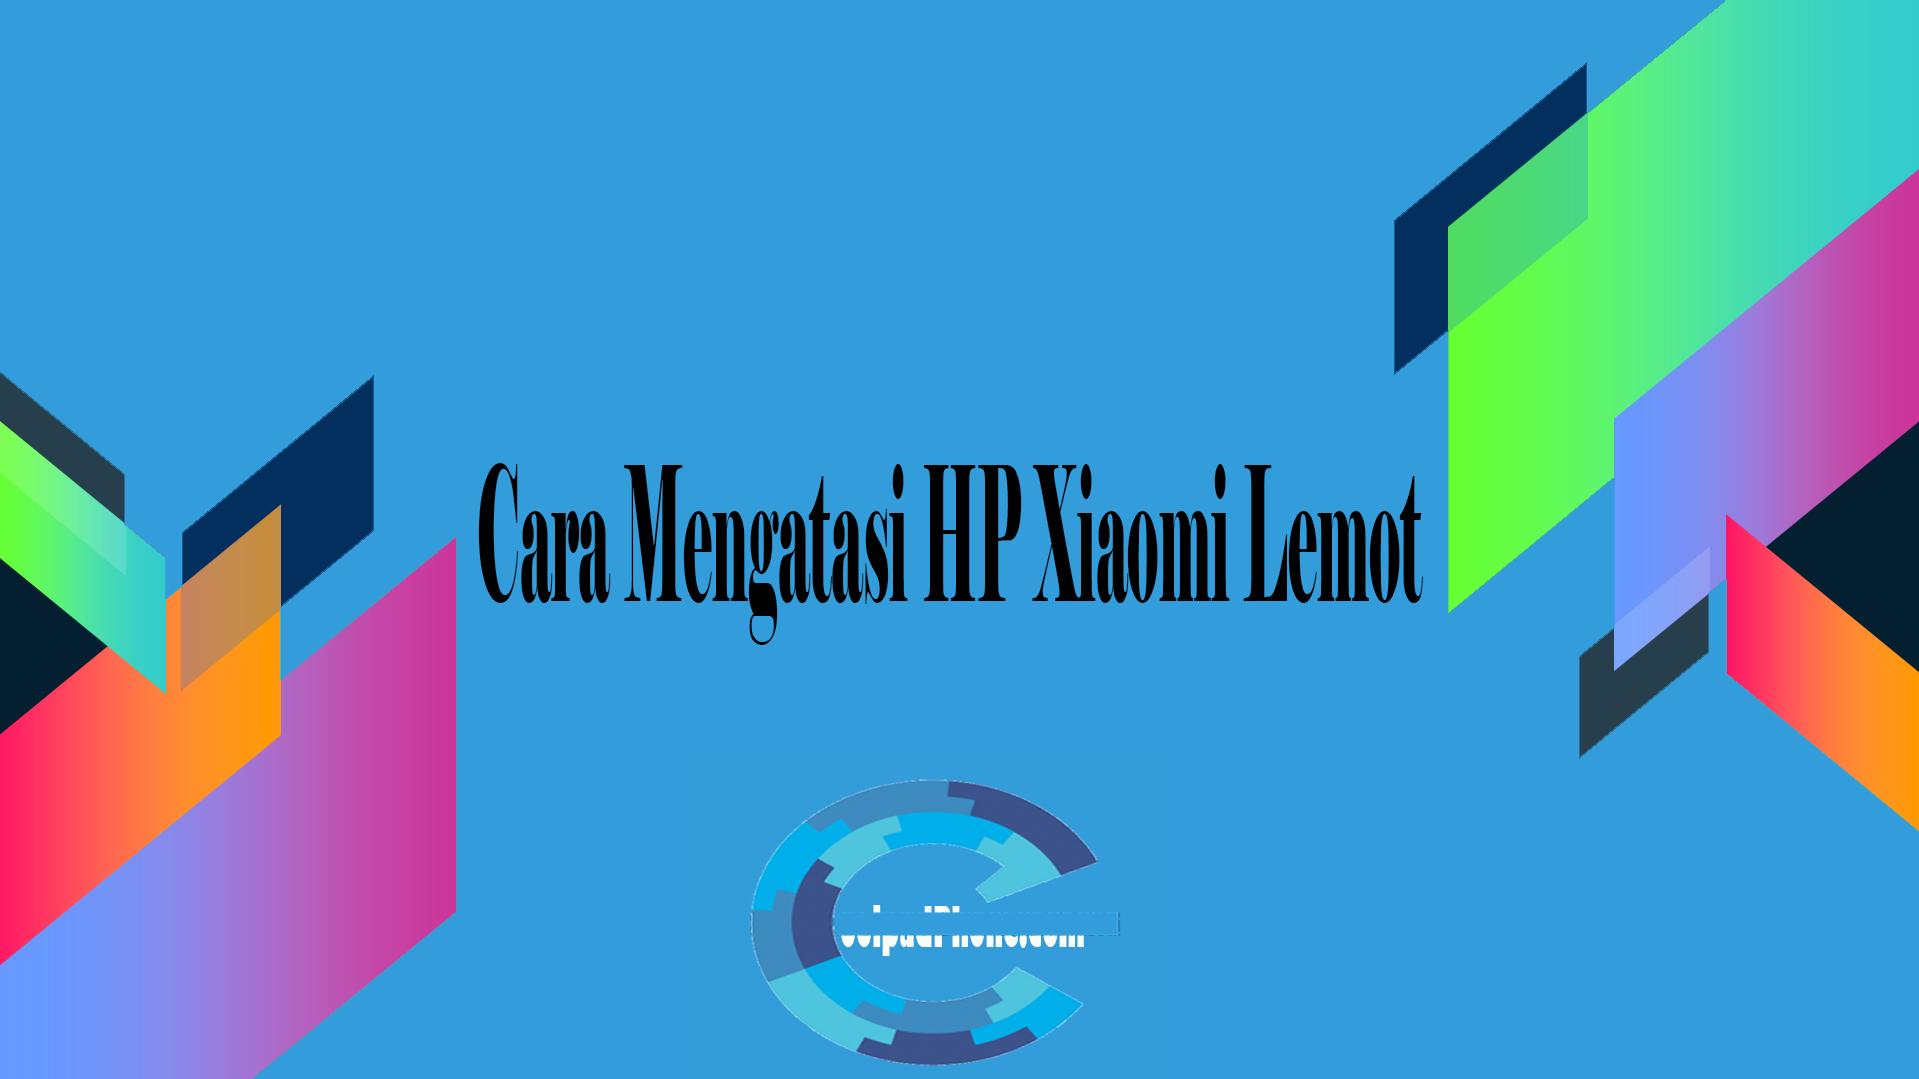 Cara Mengatasi HP Xiaomi Lemot